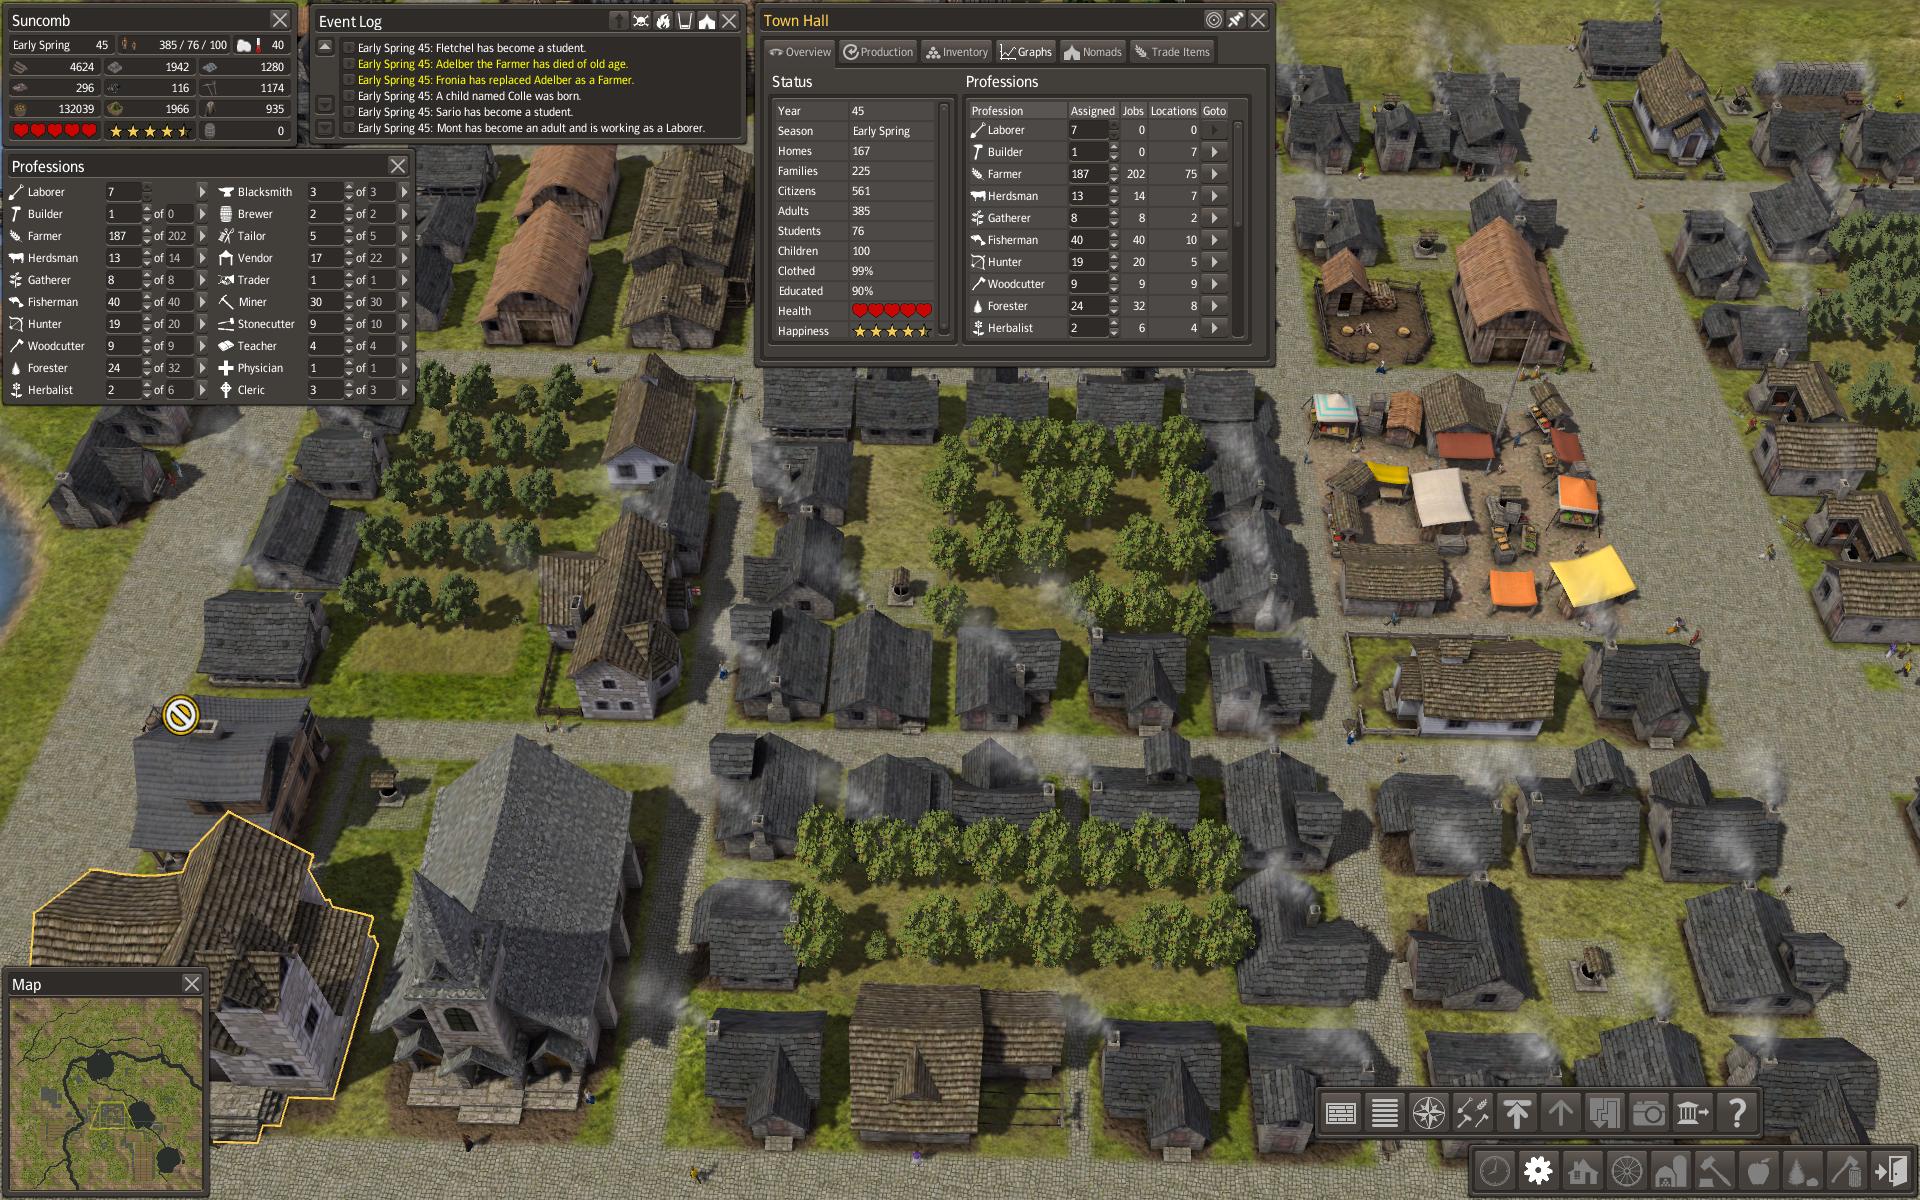 Обзор стратегии Banished - история забытого поселения или ...